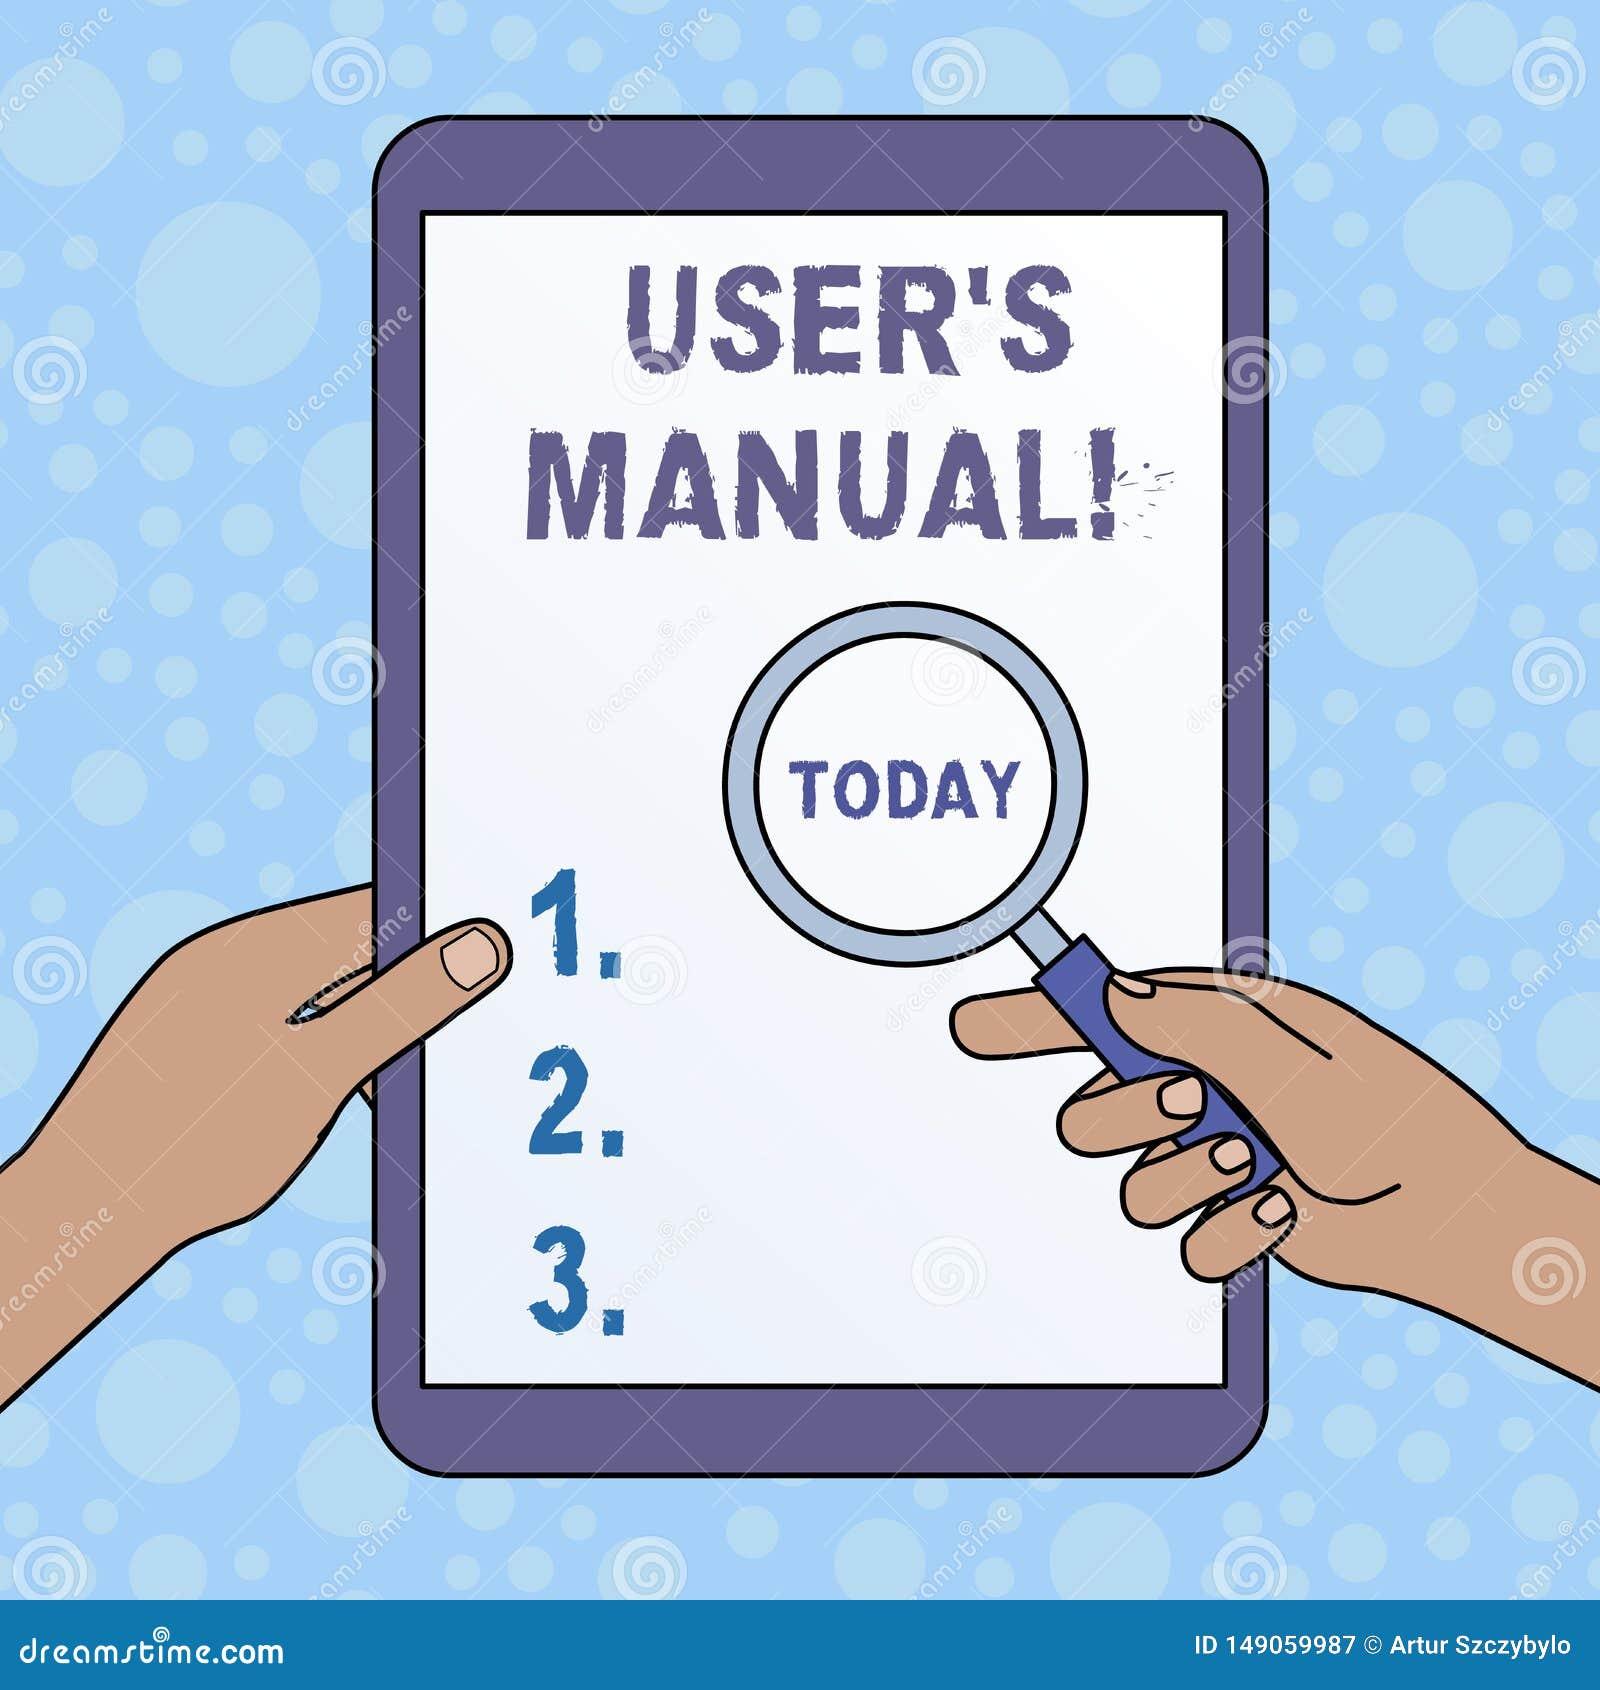 写文本用户S的词是手工的 Contains的企业概念产品手藏品的所有根本信息